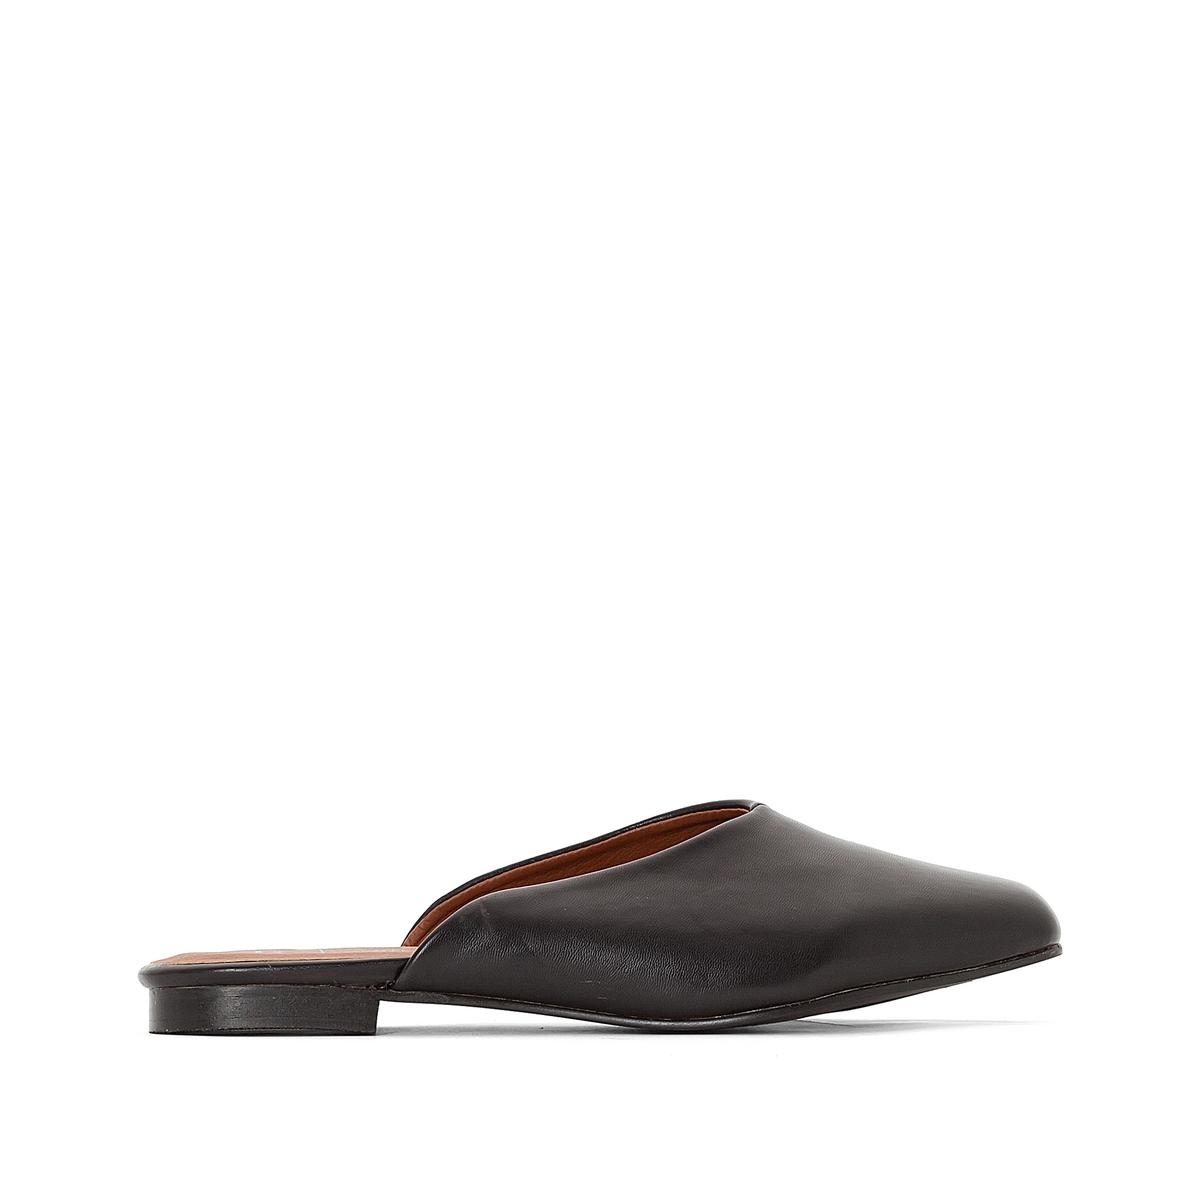 Туфли без задника синтетическиеДетали  •  Туфли без задника •  Застежка : без застежки • Квадратный мысок  •  Гладкая отделкаСостав и уход  •  Верх 100% синтетический материал •  Подкладка 100% синтетический материал<br><br>Цвет: черный<br>Размер: 38.37